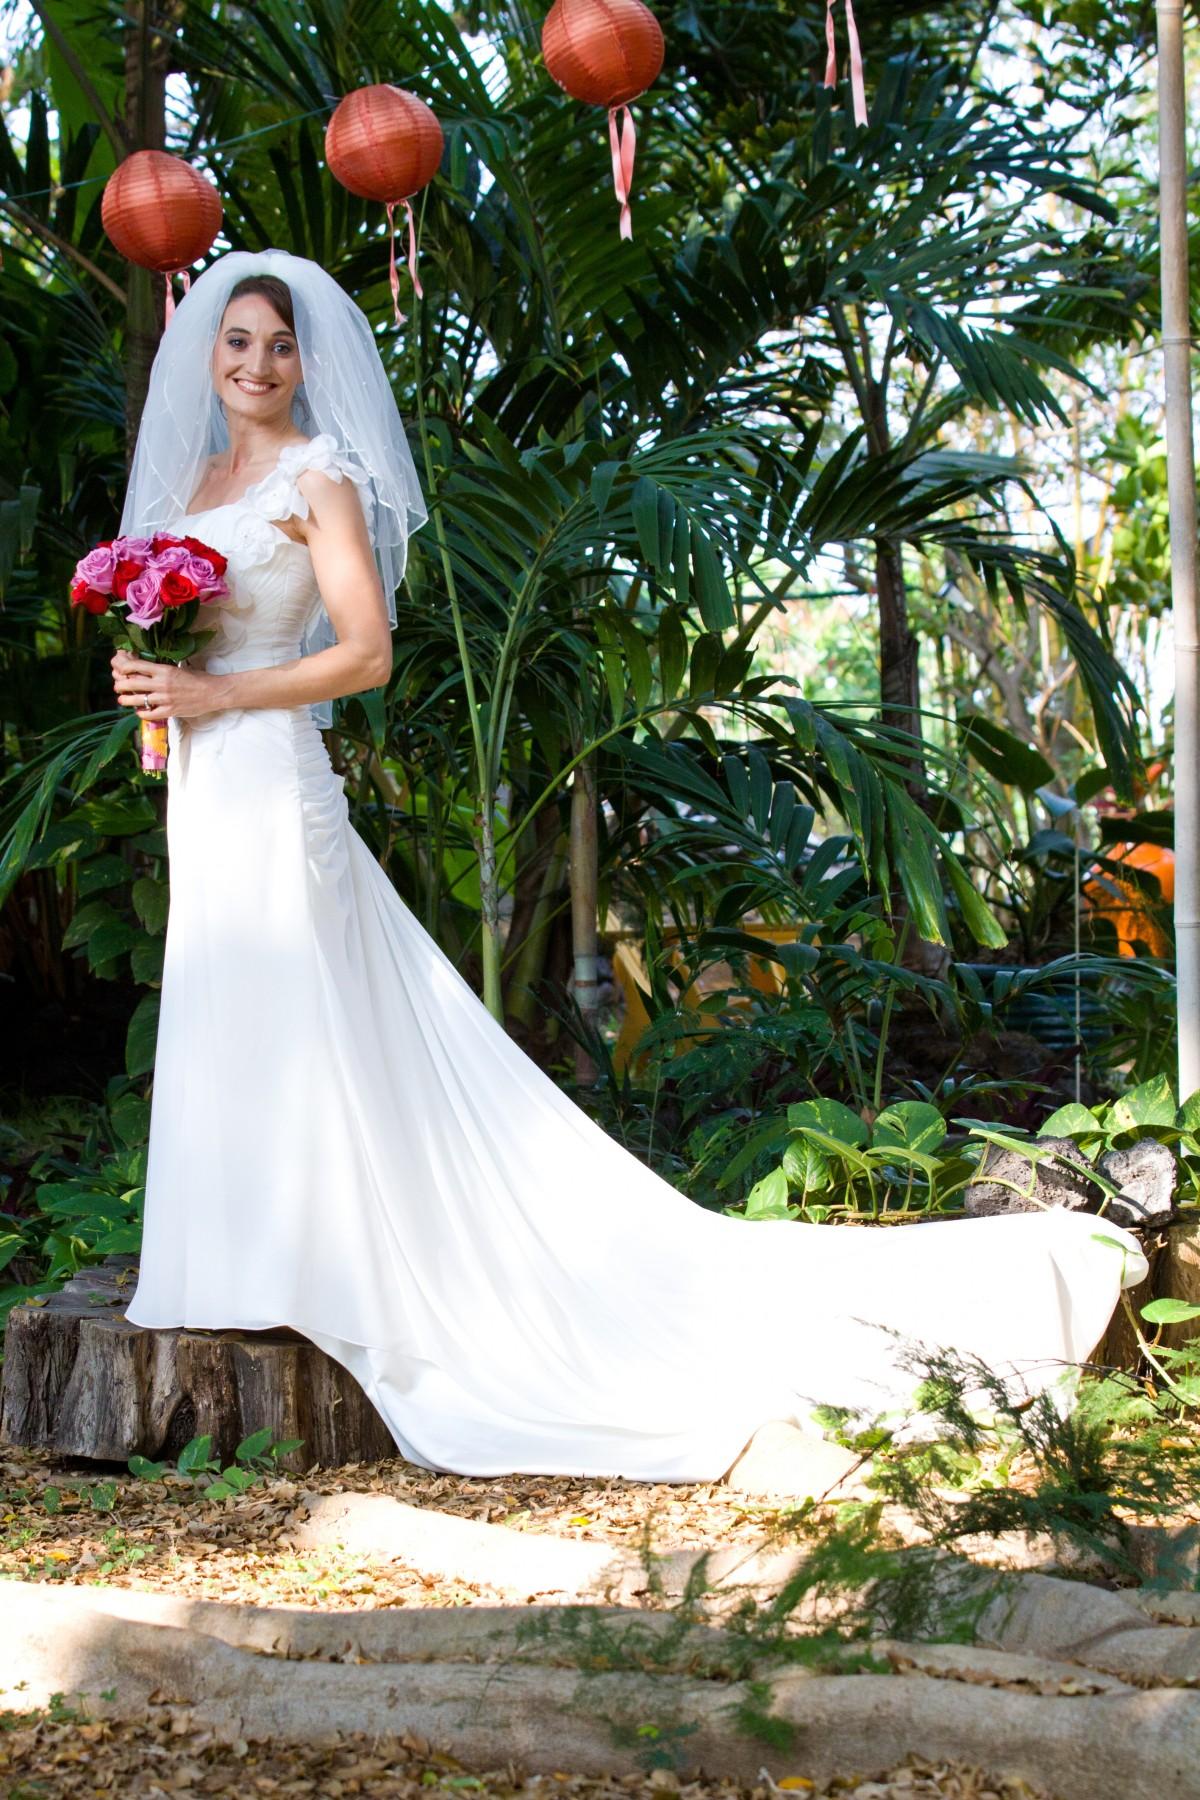 Gratis afbeeldingen vrouw huwelijk trouwjurk bruid